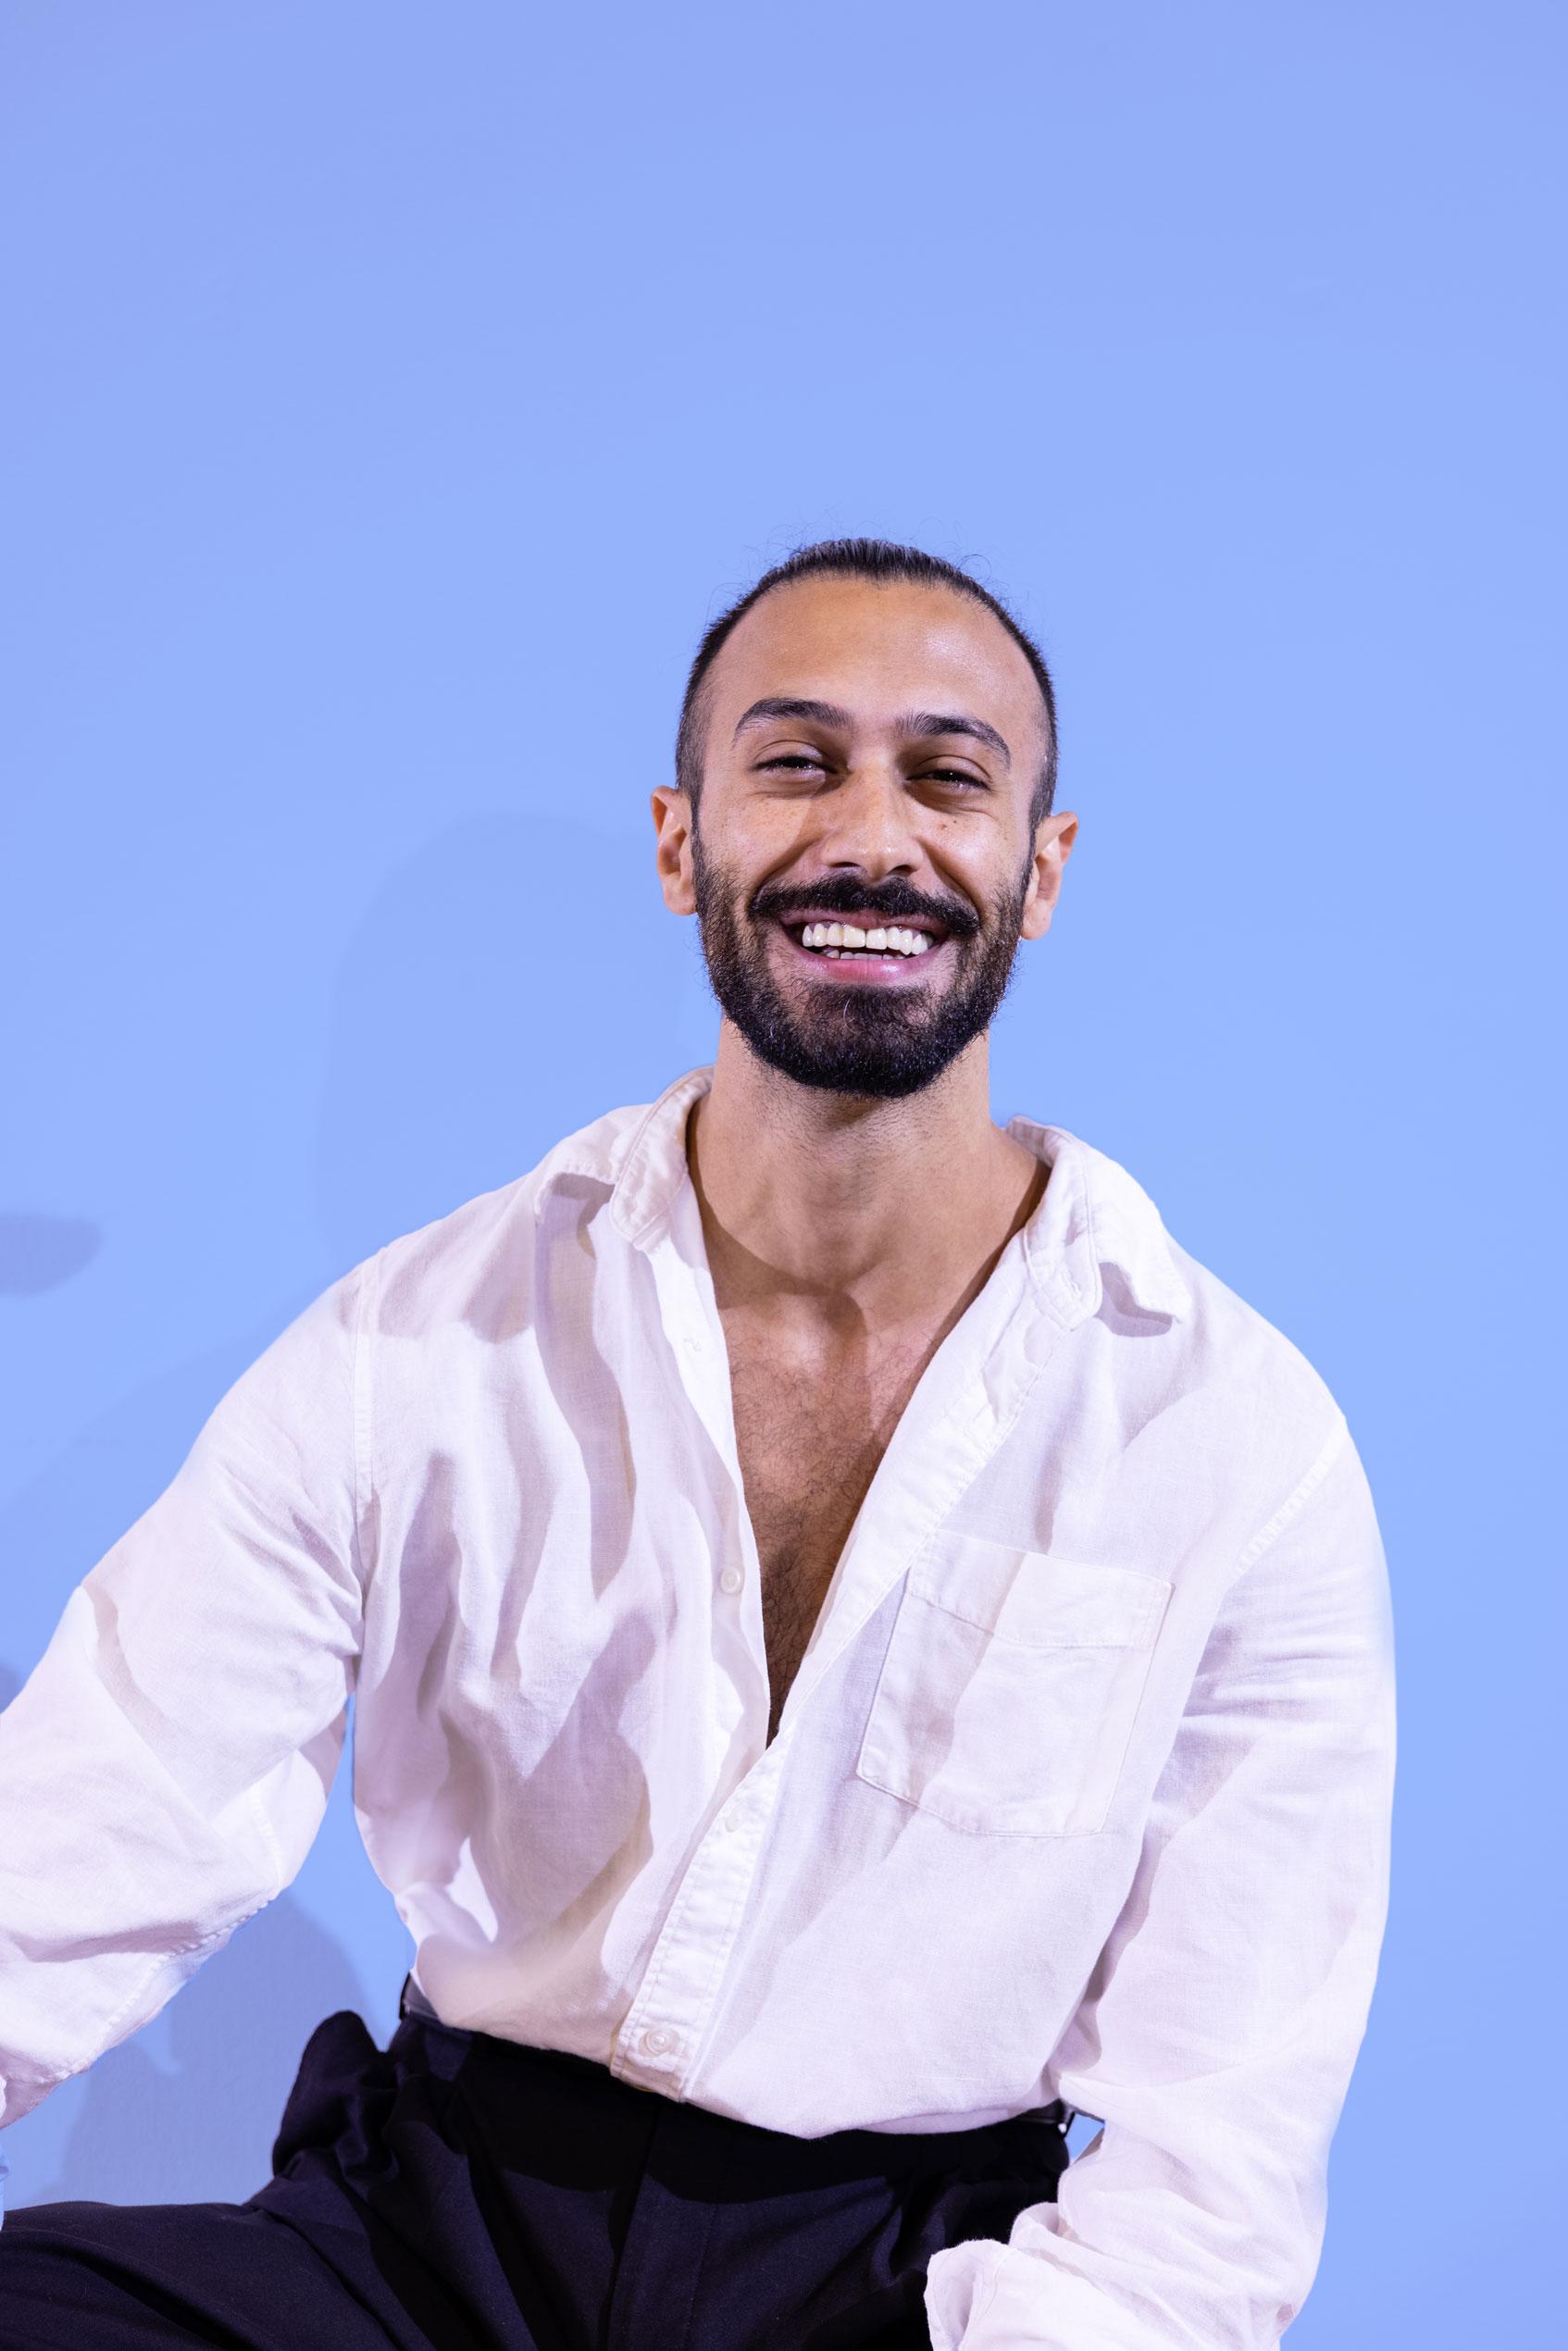 dance instructor profile picture Zaur Mammadov